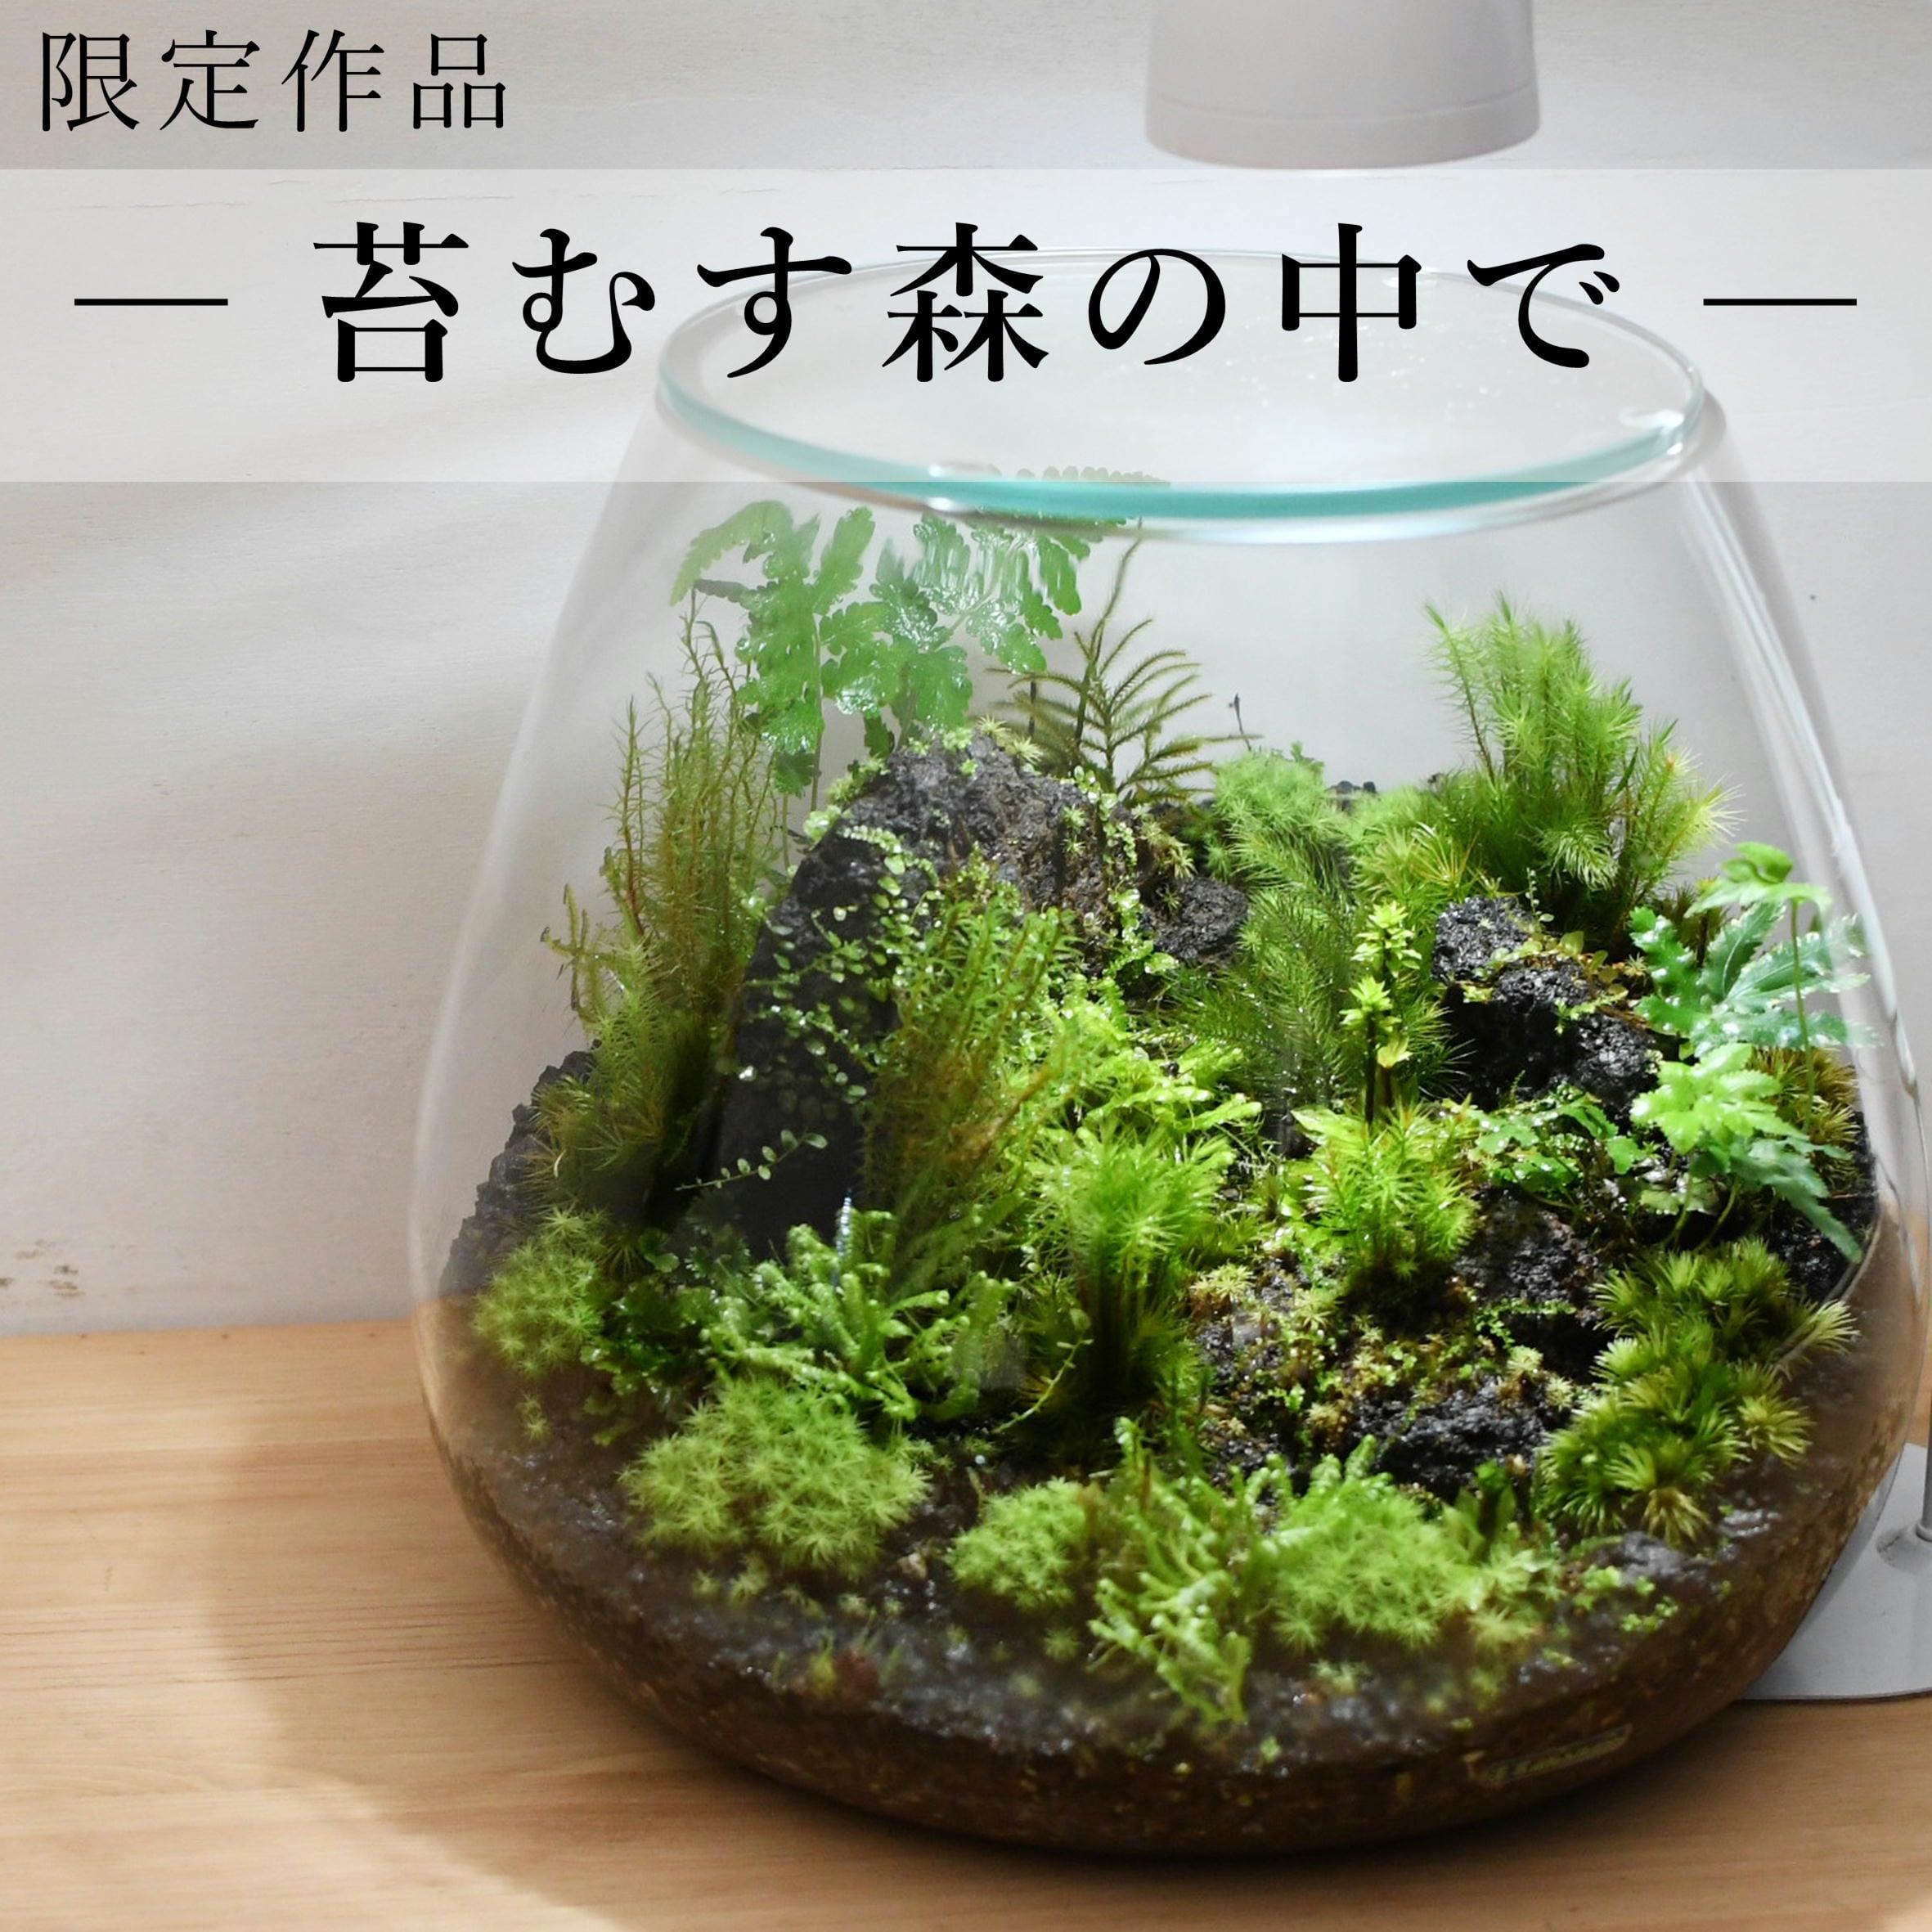 作品名− 苔むす森の中で −【苔テラリウム・現物限定販売】